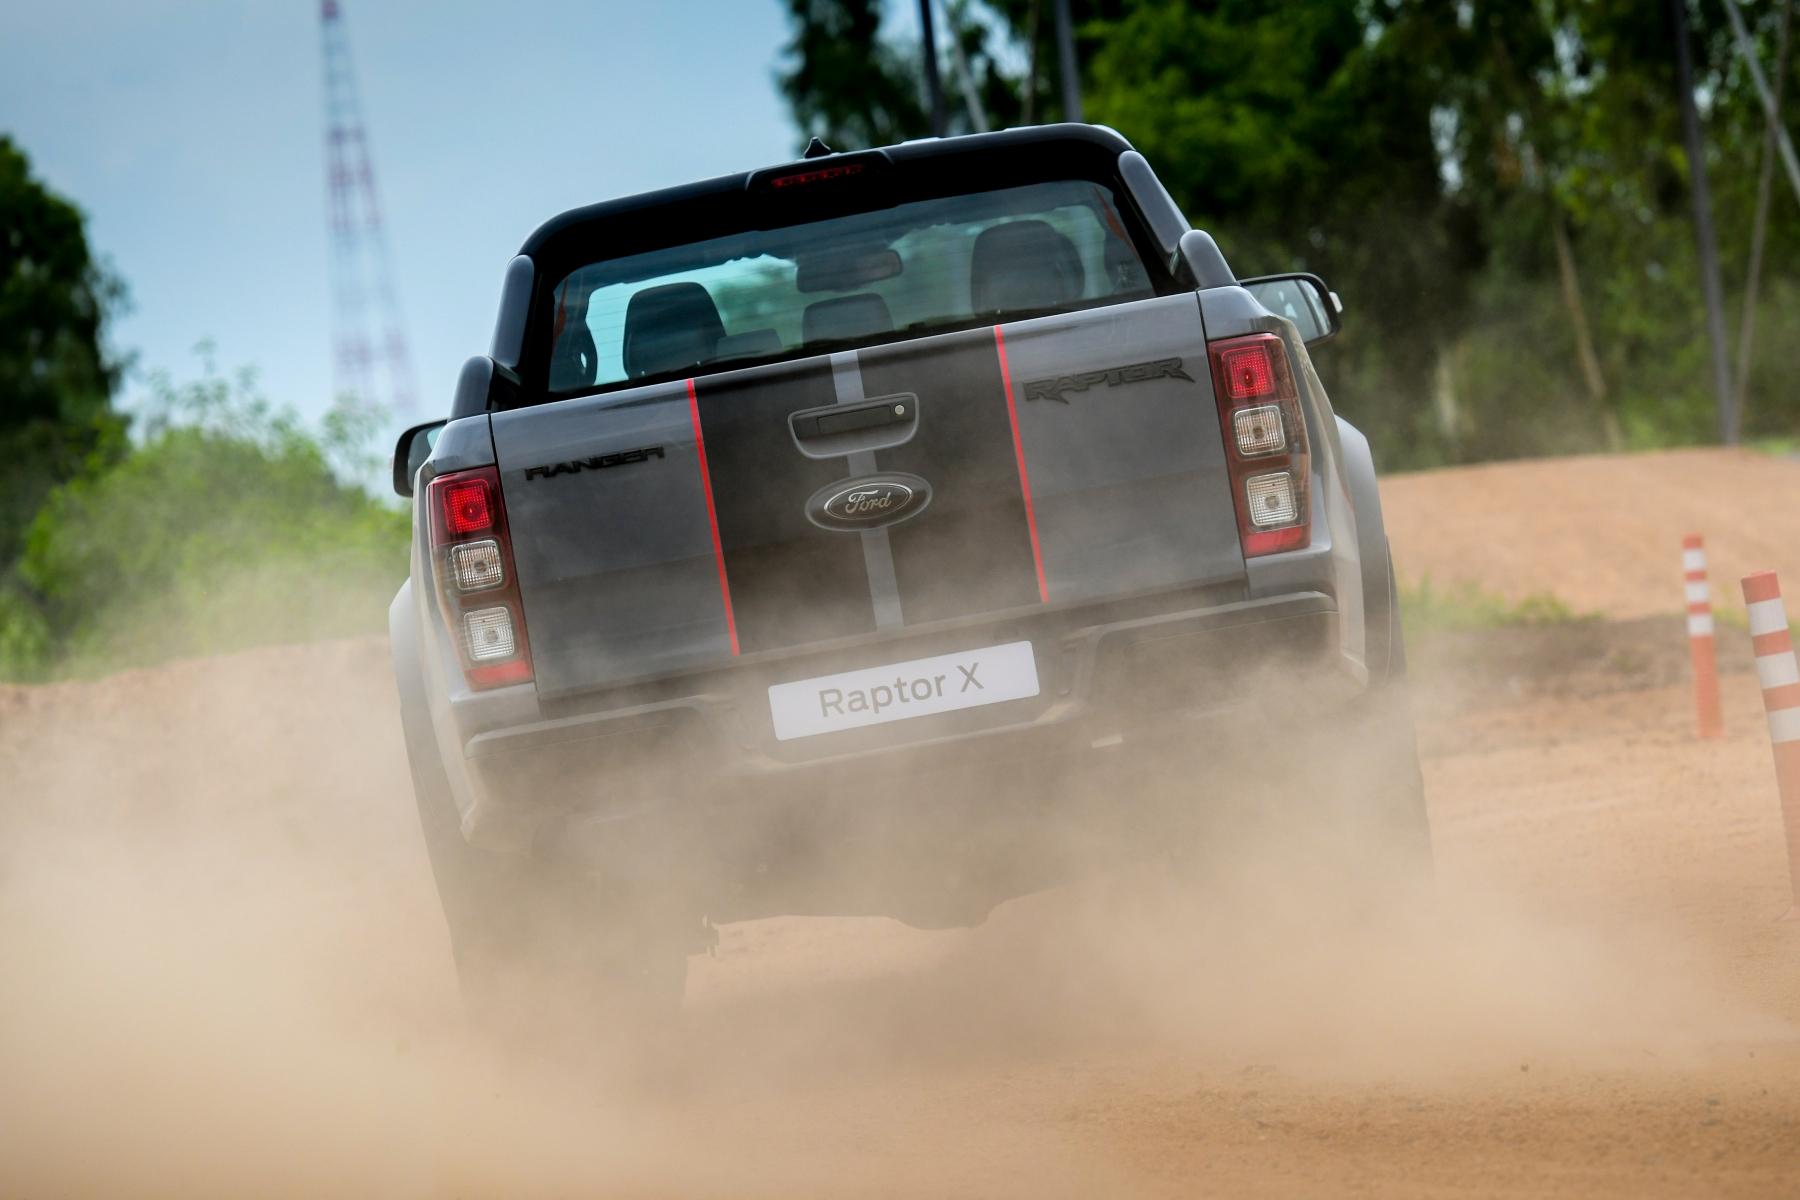 Ford Ranger Raptor X (11)